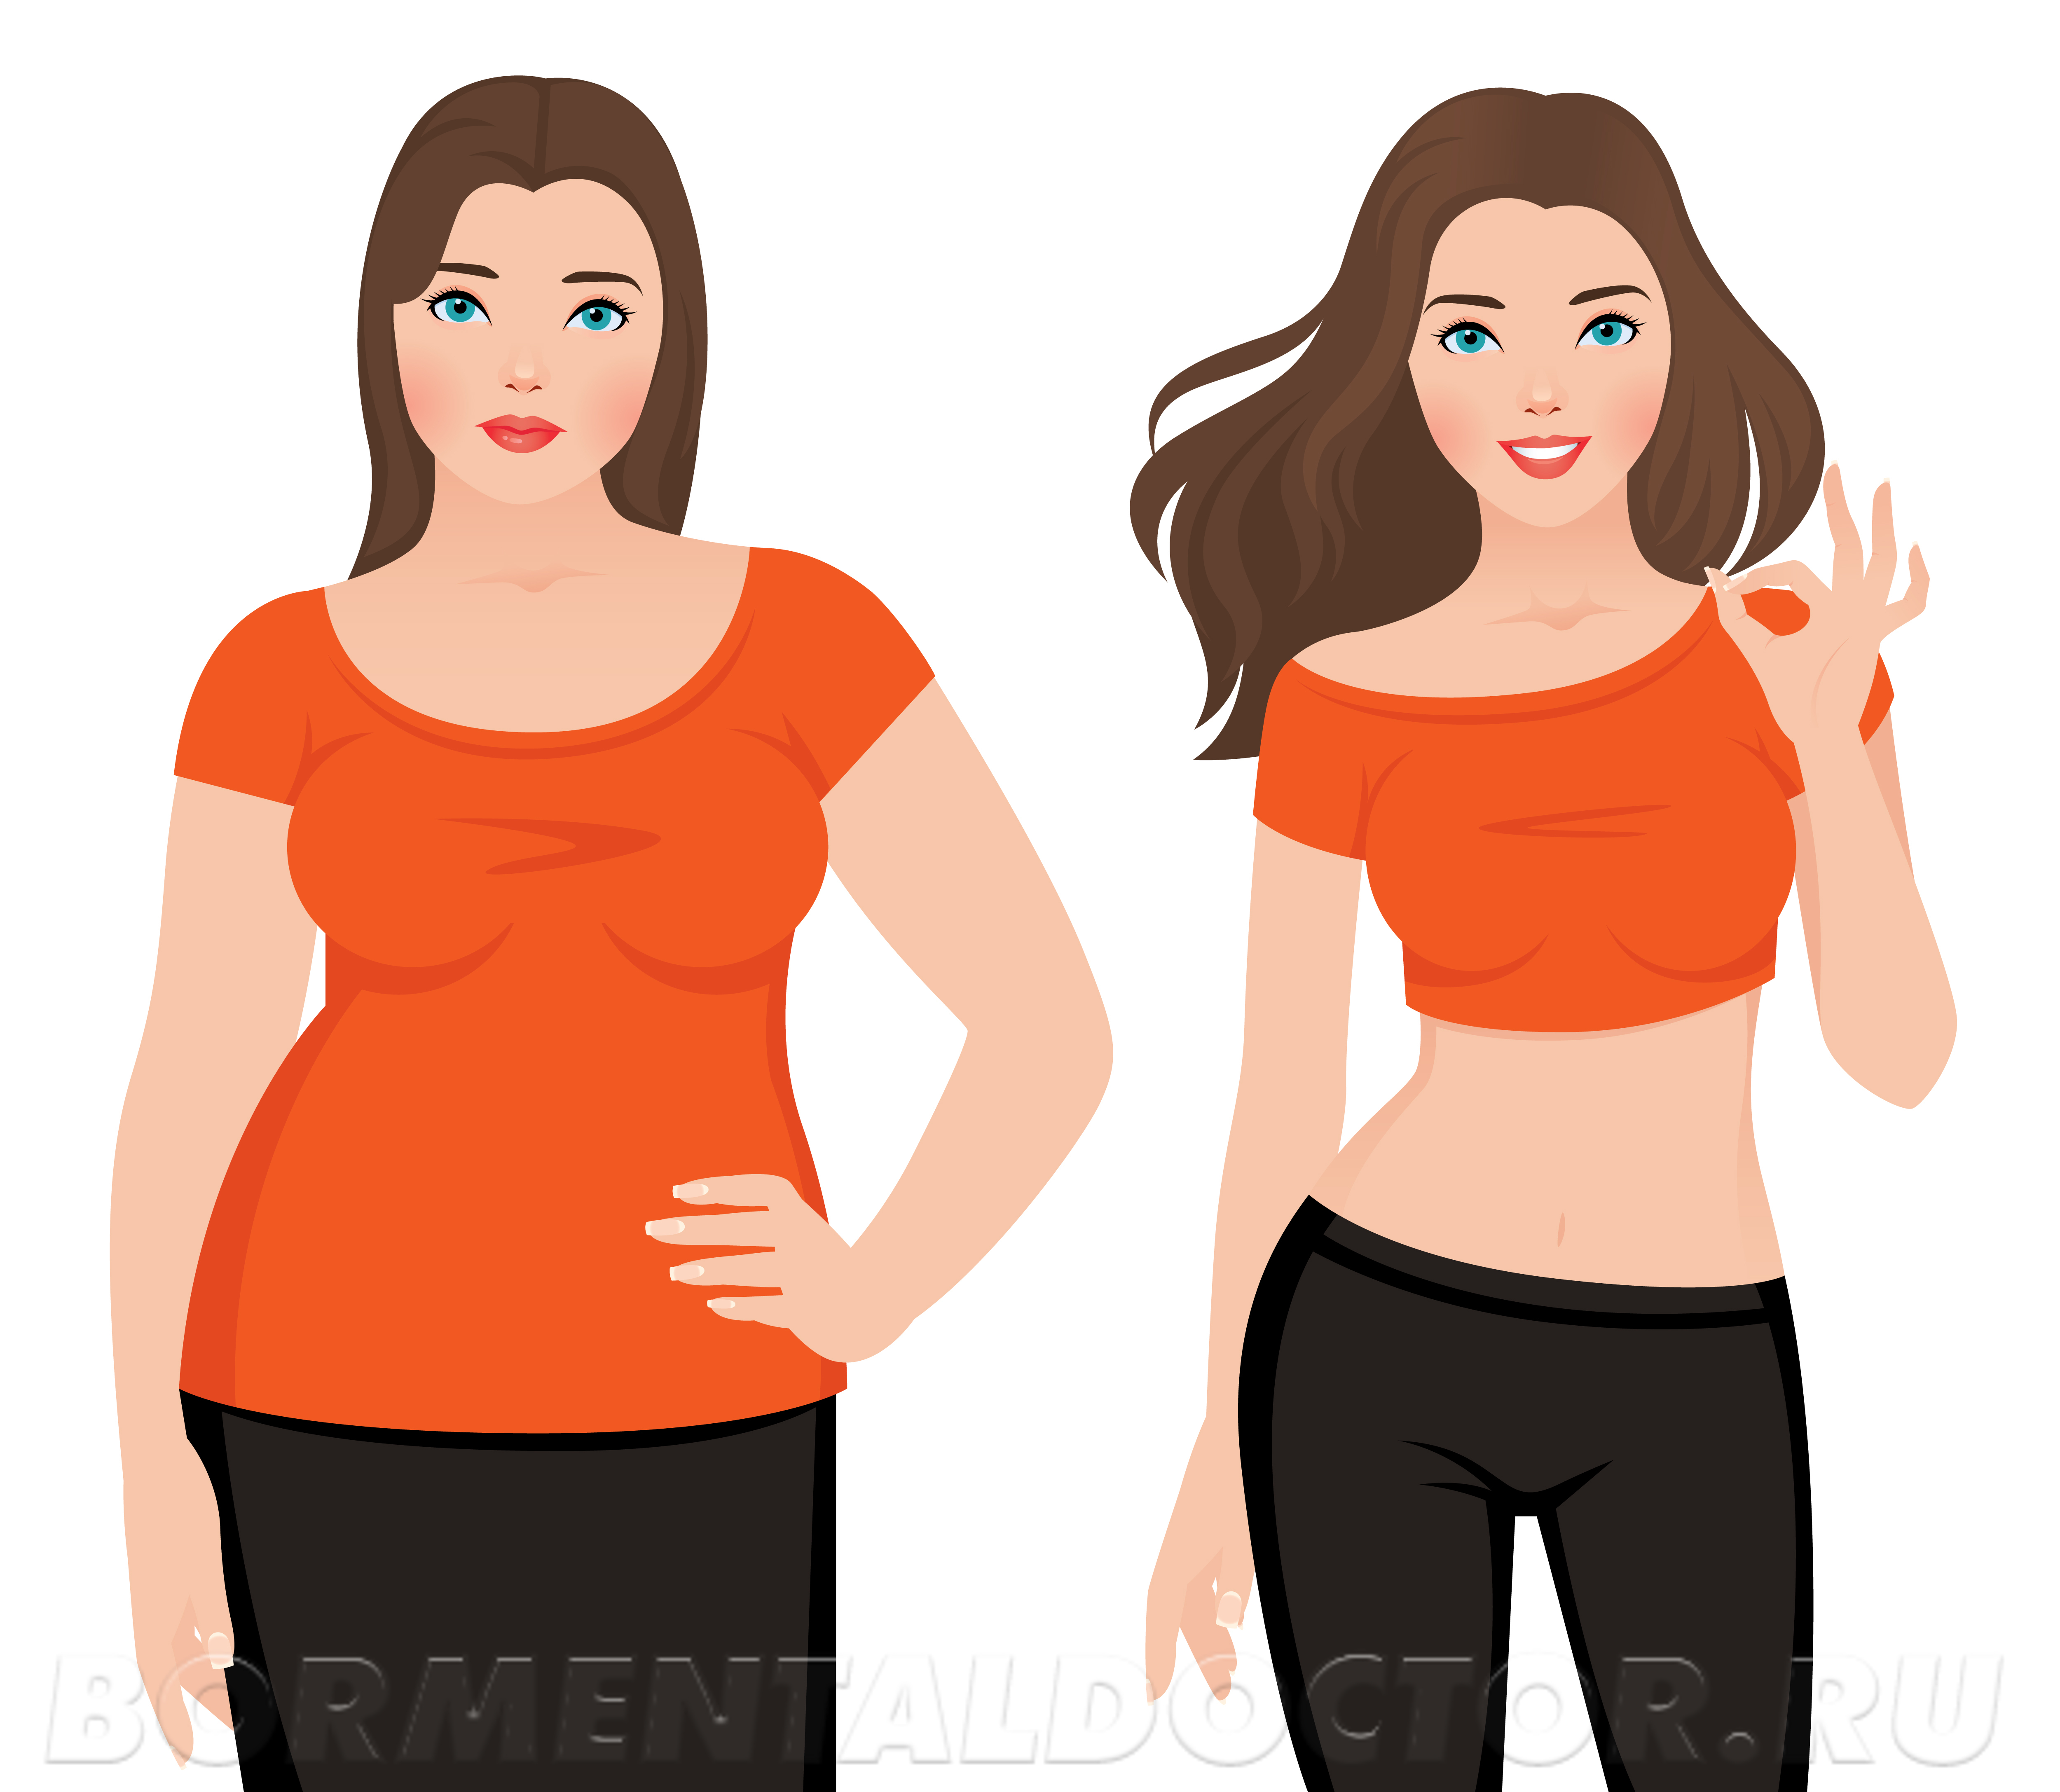 Если ваш вес находится в нормальном диапазоне, то нужно разобраться со структурой тела